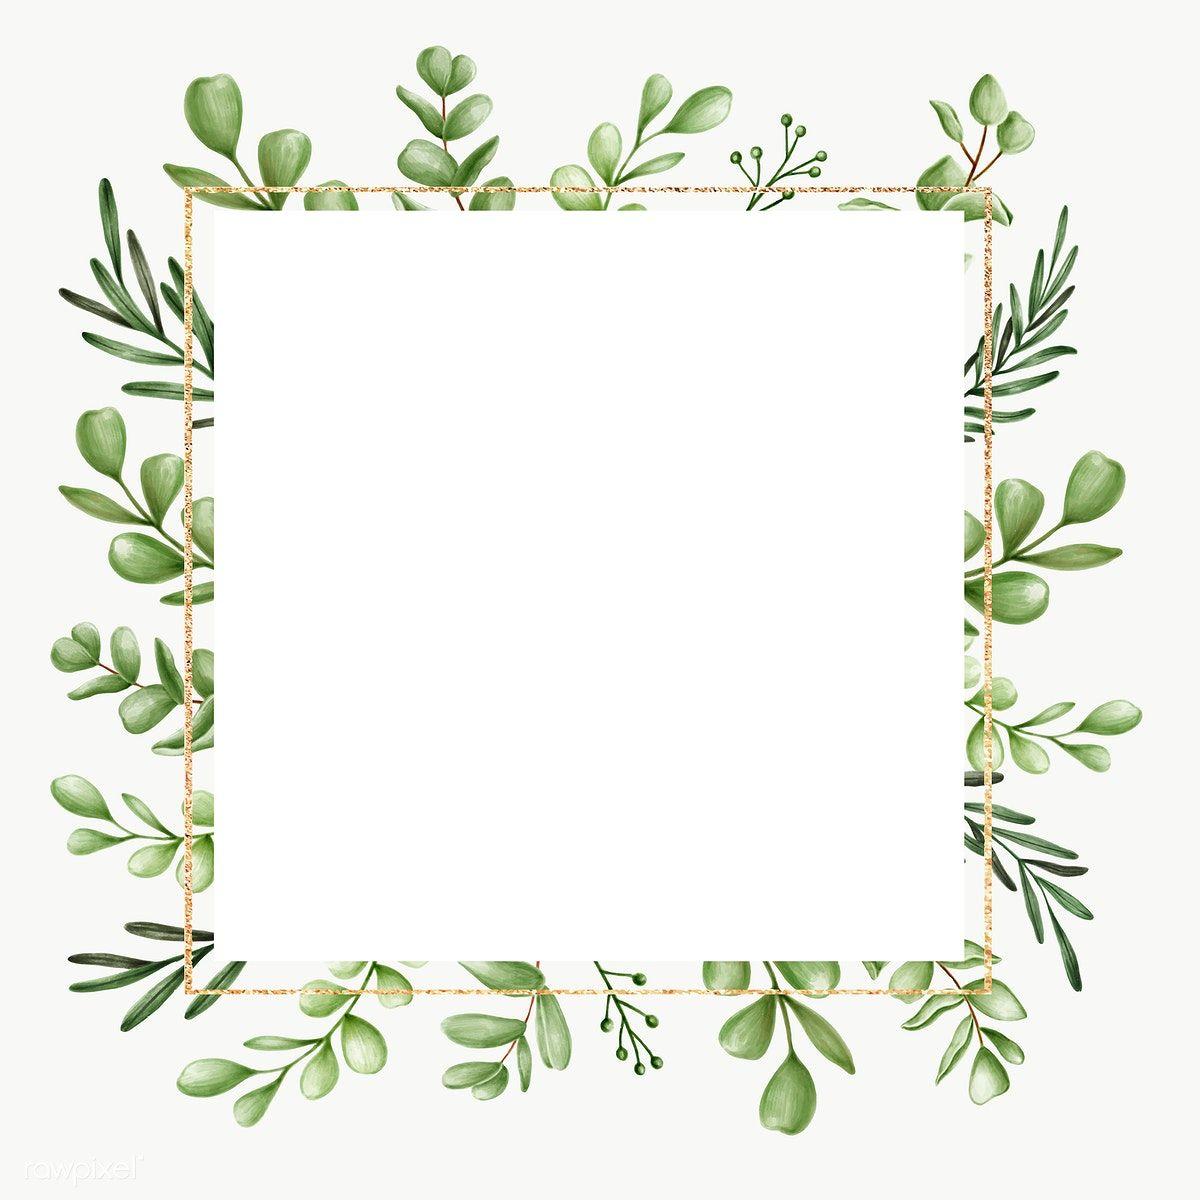 Download Premium Png Of Green Floral Frame Transparent Png 2032804 Green Leaf Background Flower Border Png Floral Border Design